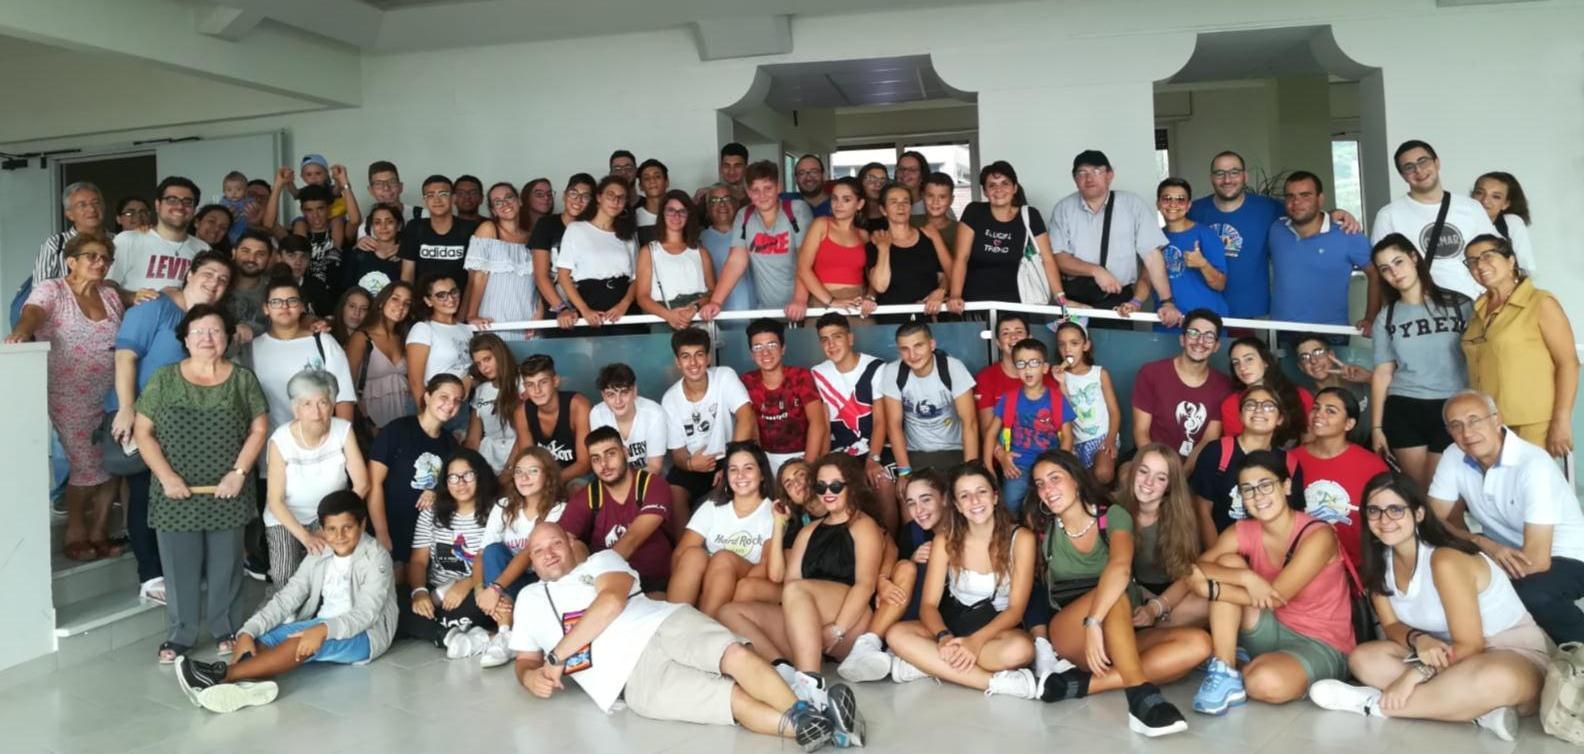 Campo scuola unitario adulti e giovani-Azione Cattolica